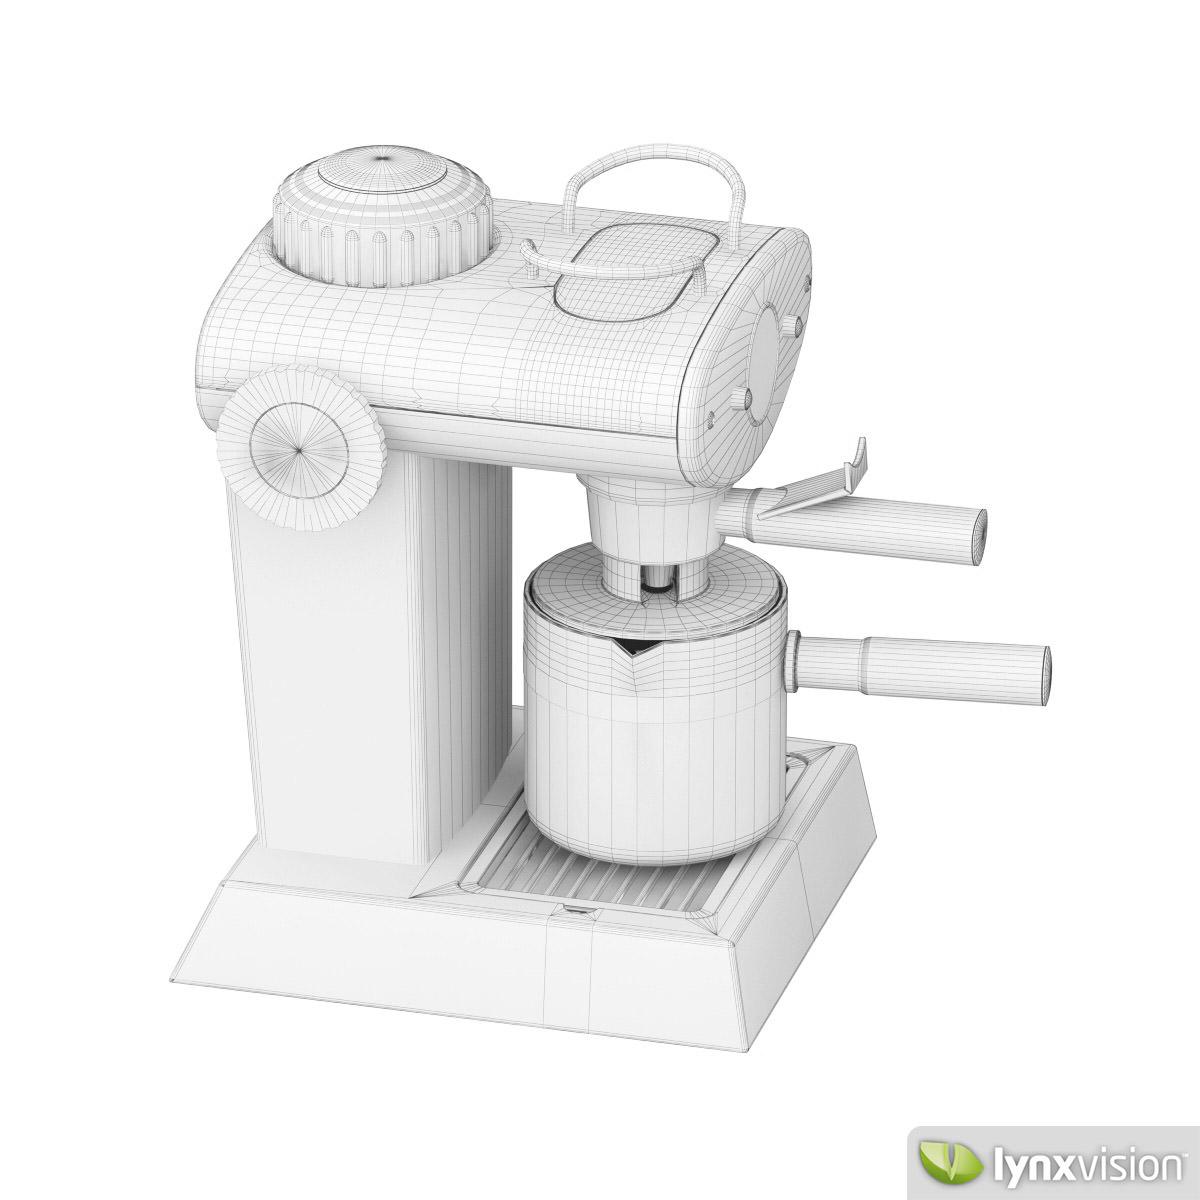 Espresso Maker 3D Model MAX OBJ FBX CGTrader.com